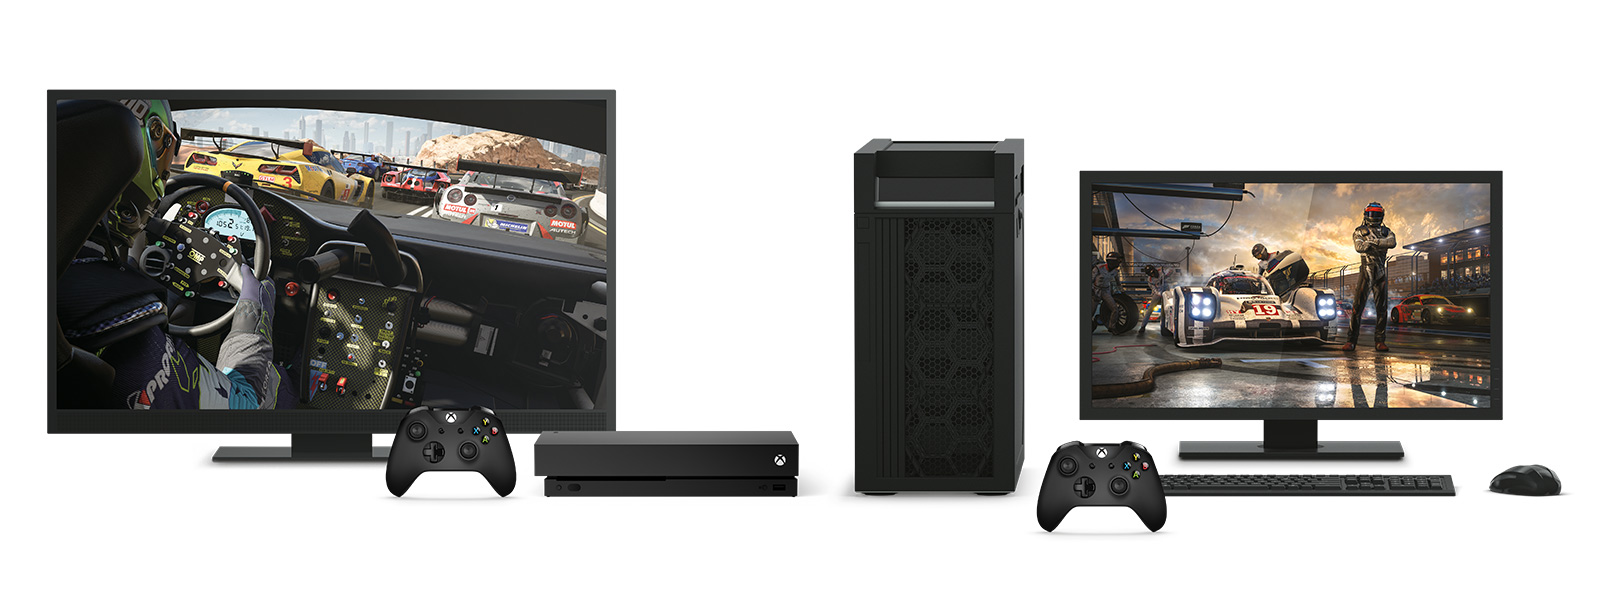 Xbox One X a stolní počítač srozlišením 4K se hrou Forza Motorsport7 na televizoru a na obrazovce počítače